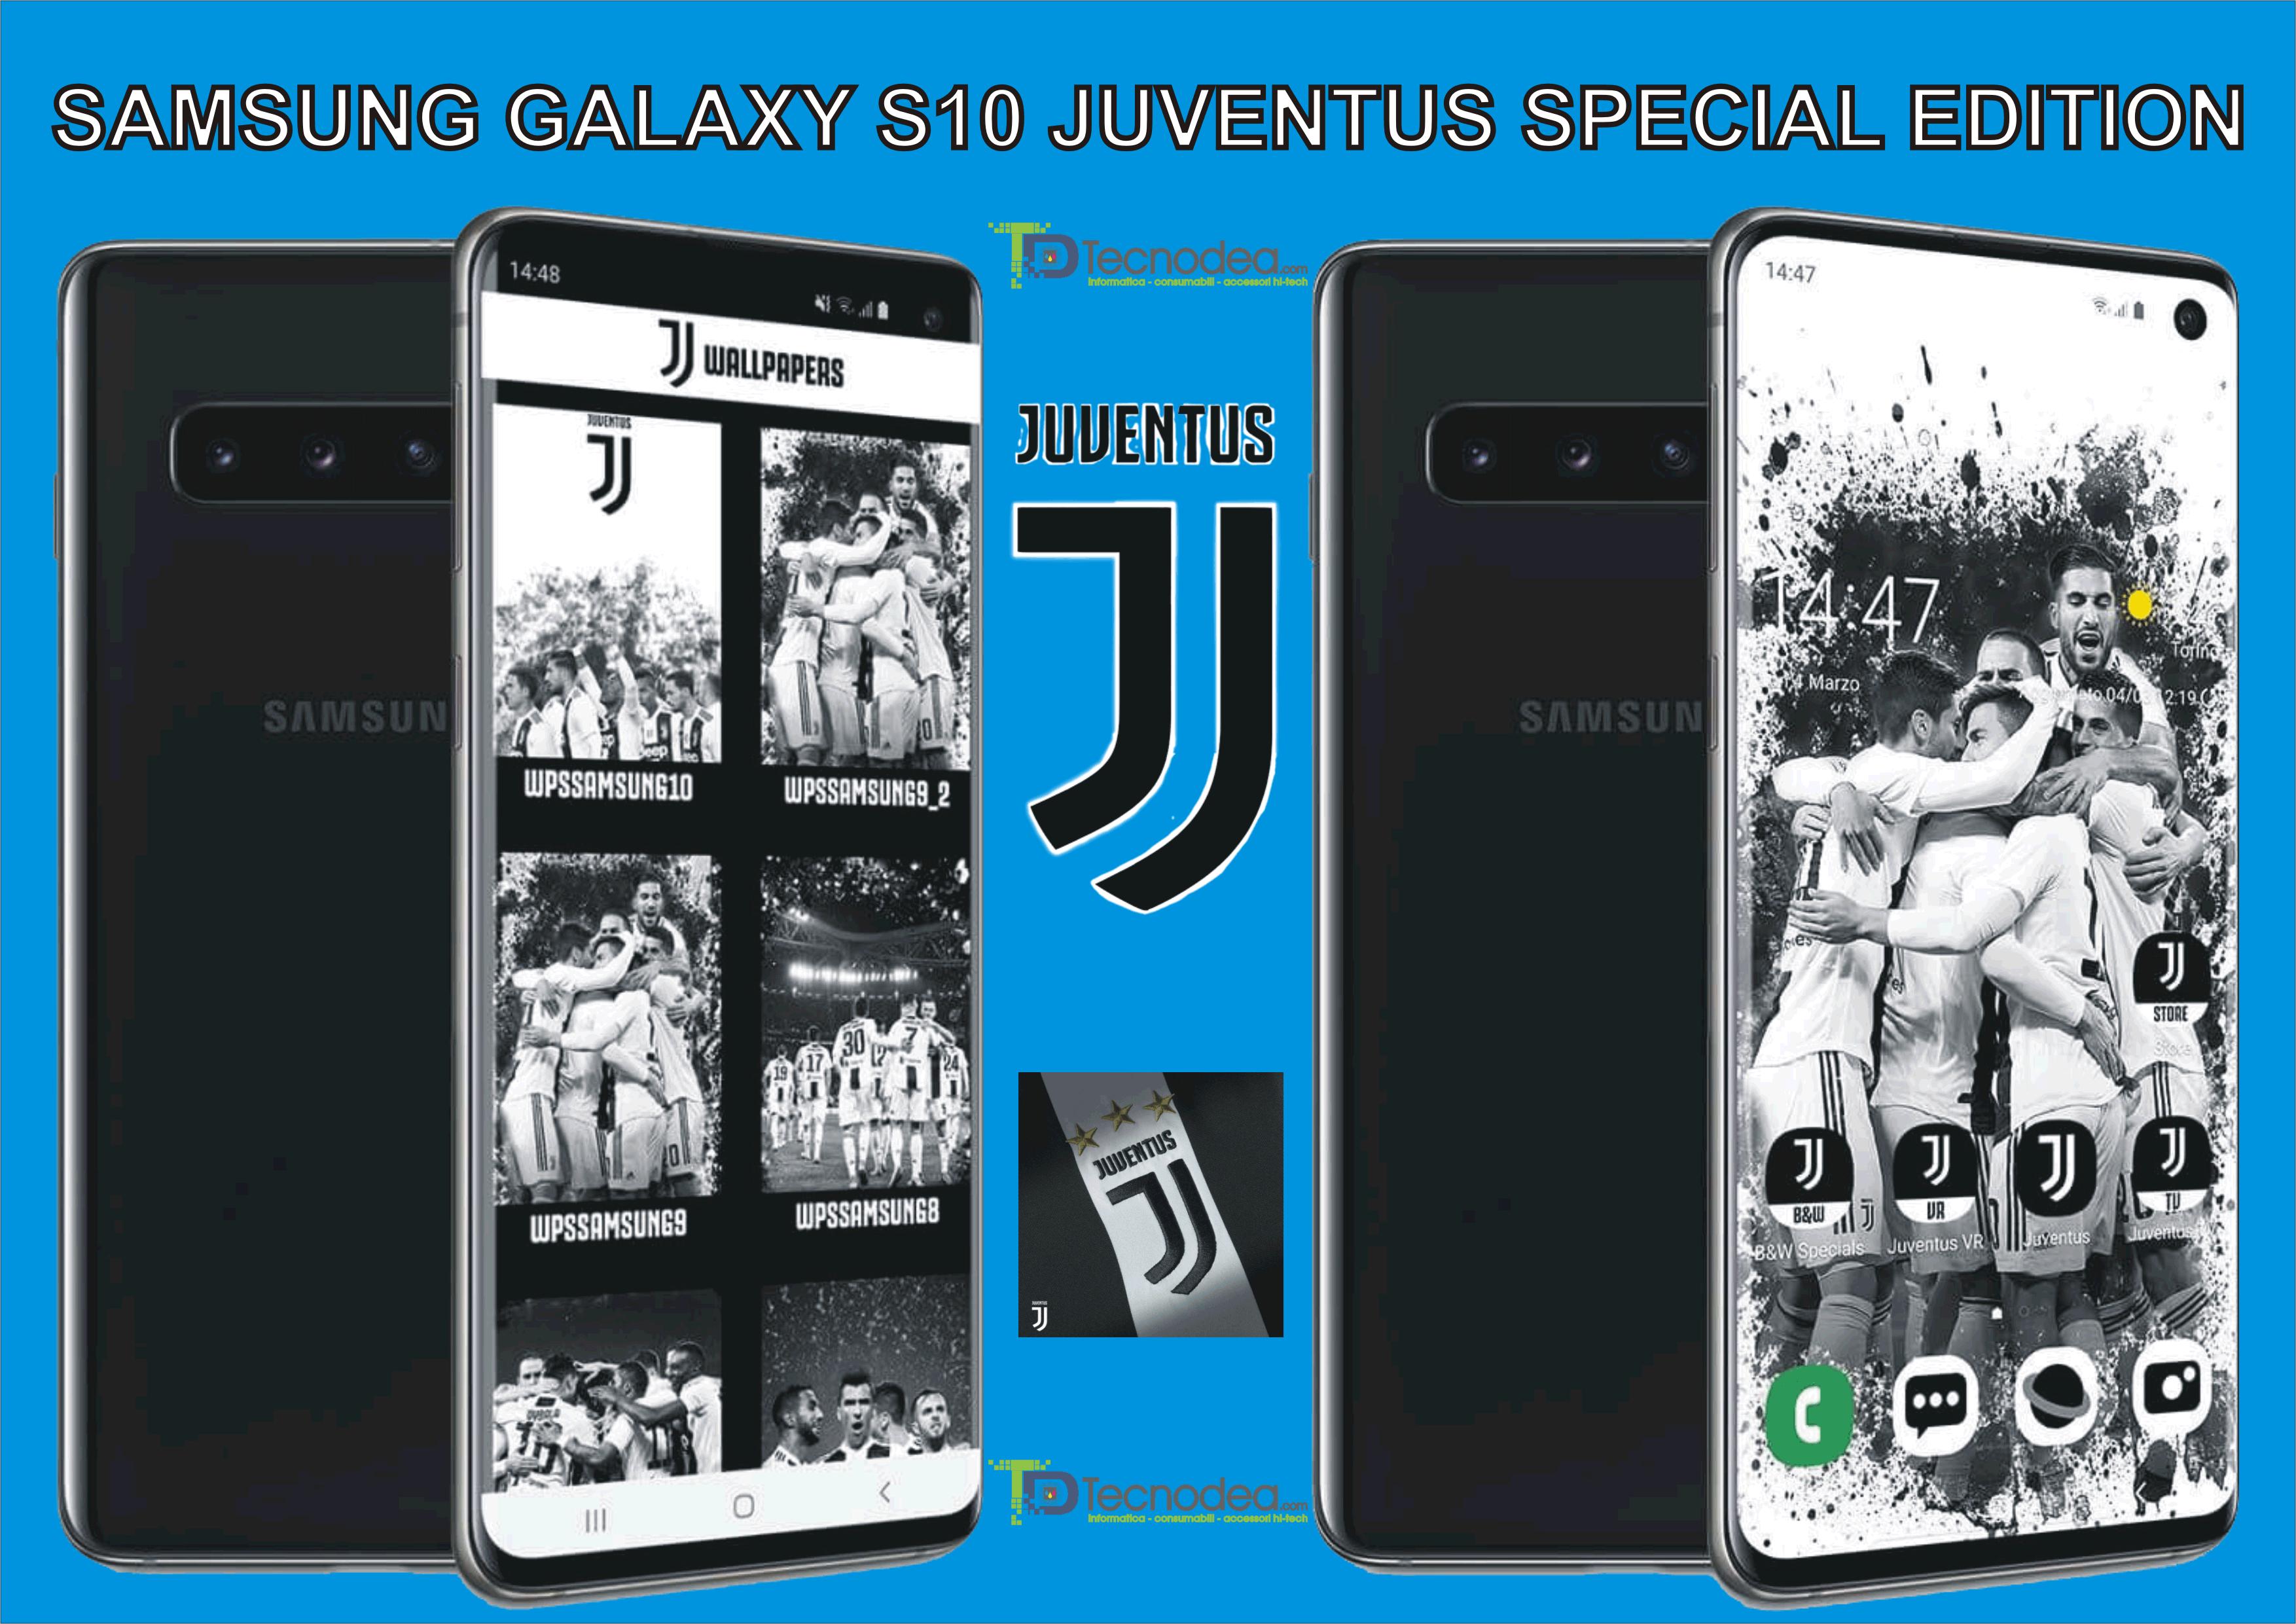 Samsung Galaxy S10 Juventus Special Edition.